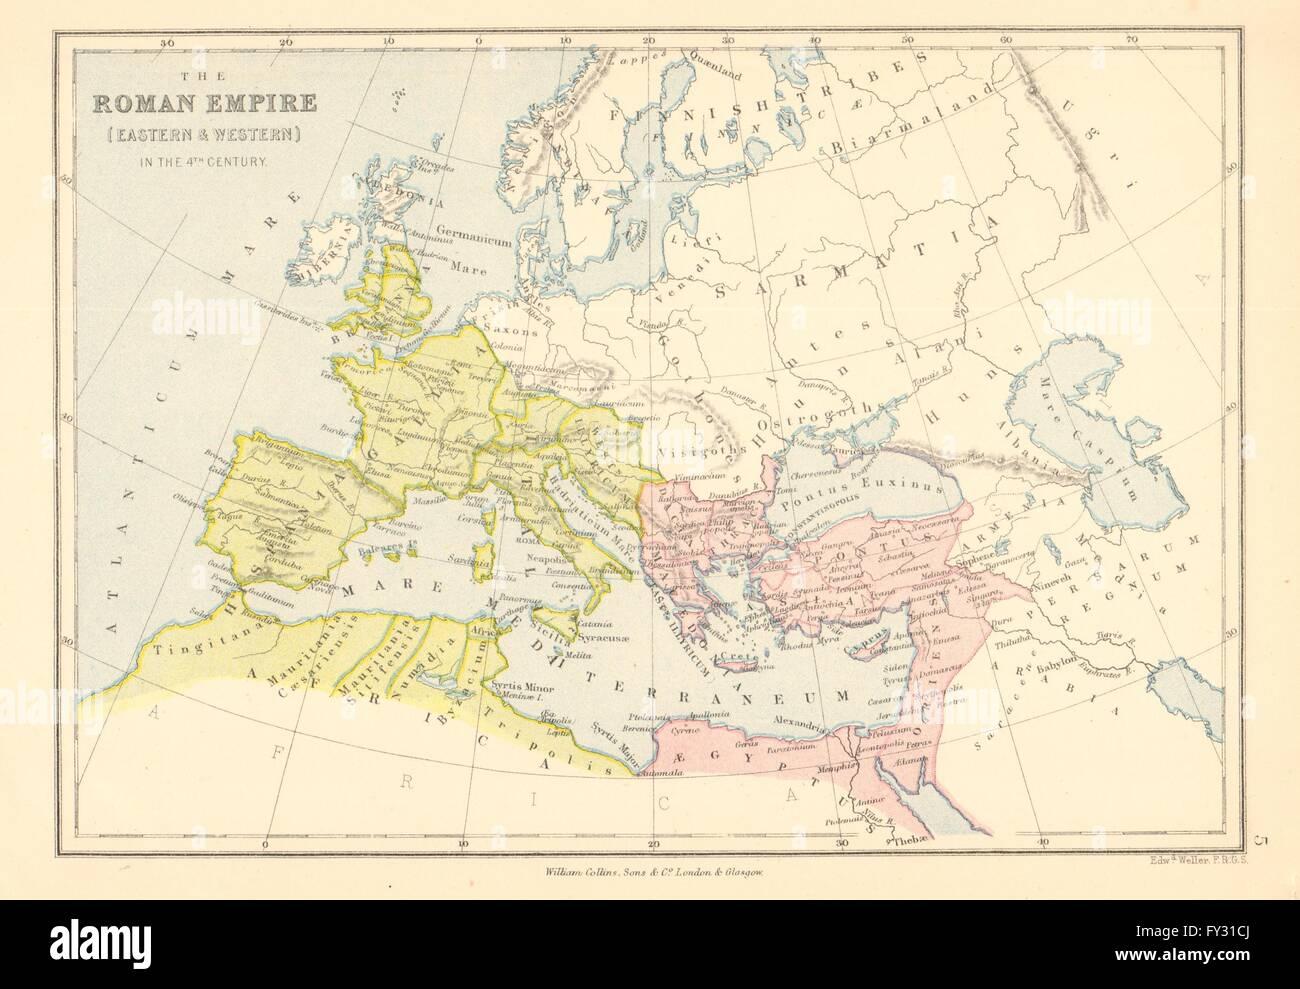 L'EMPIRE ROMAIN. Au 4ème siècle. L'Est et l'Ouest. BARTHOLOMEW, 1876 Ancien site Photo Stock